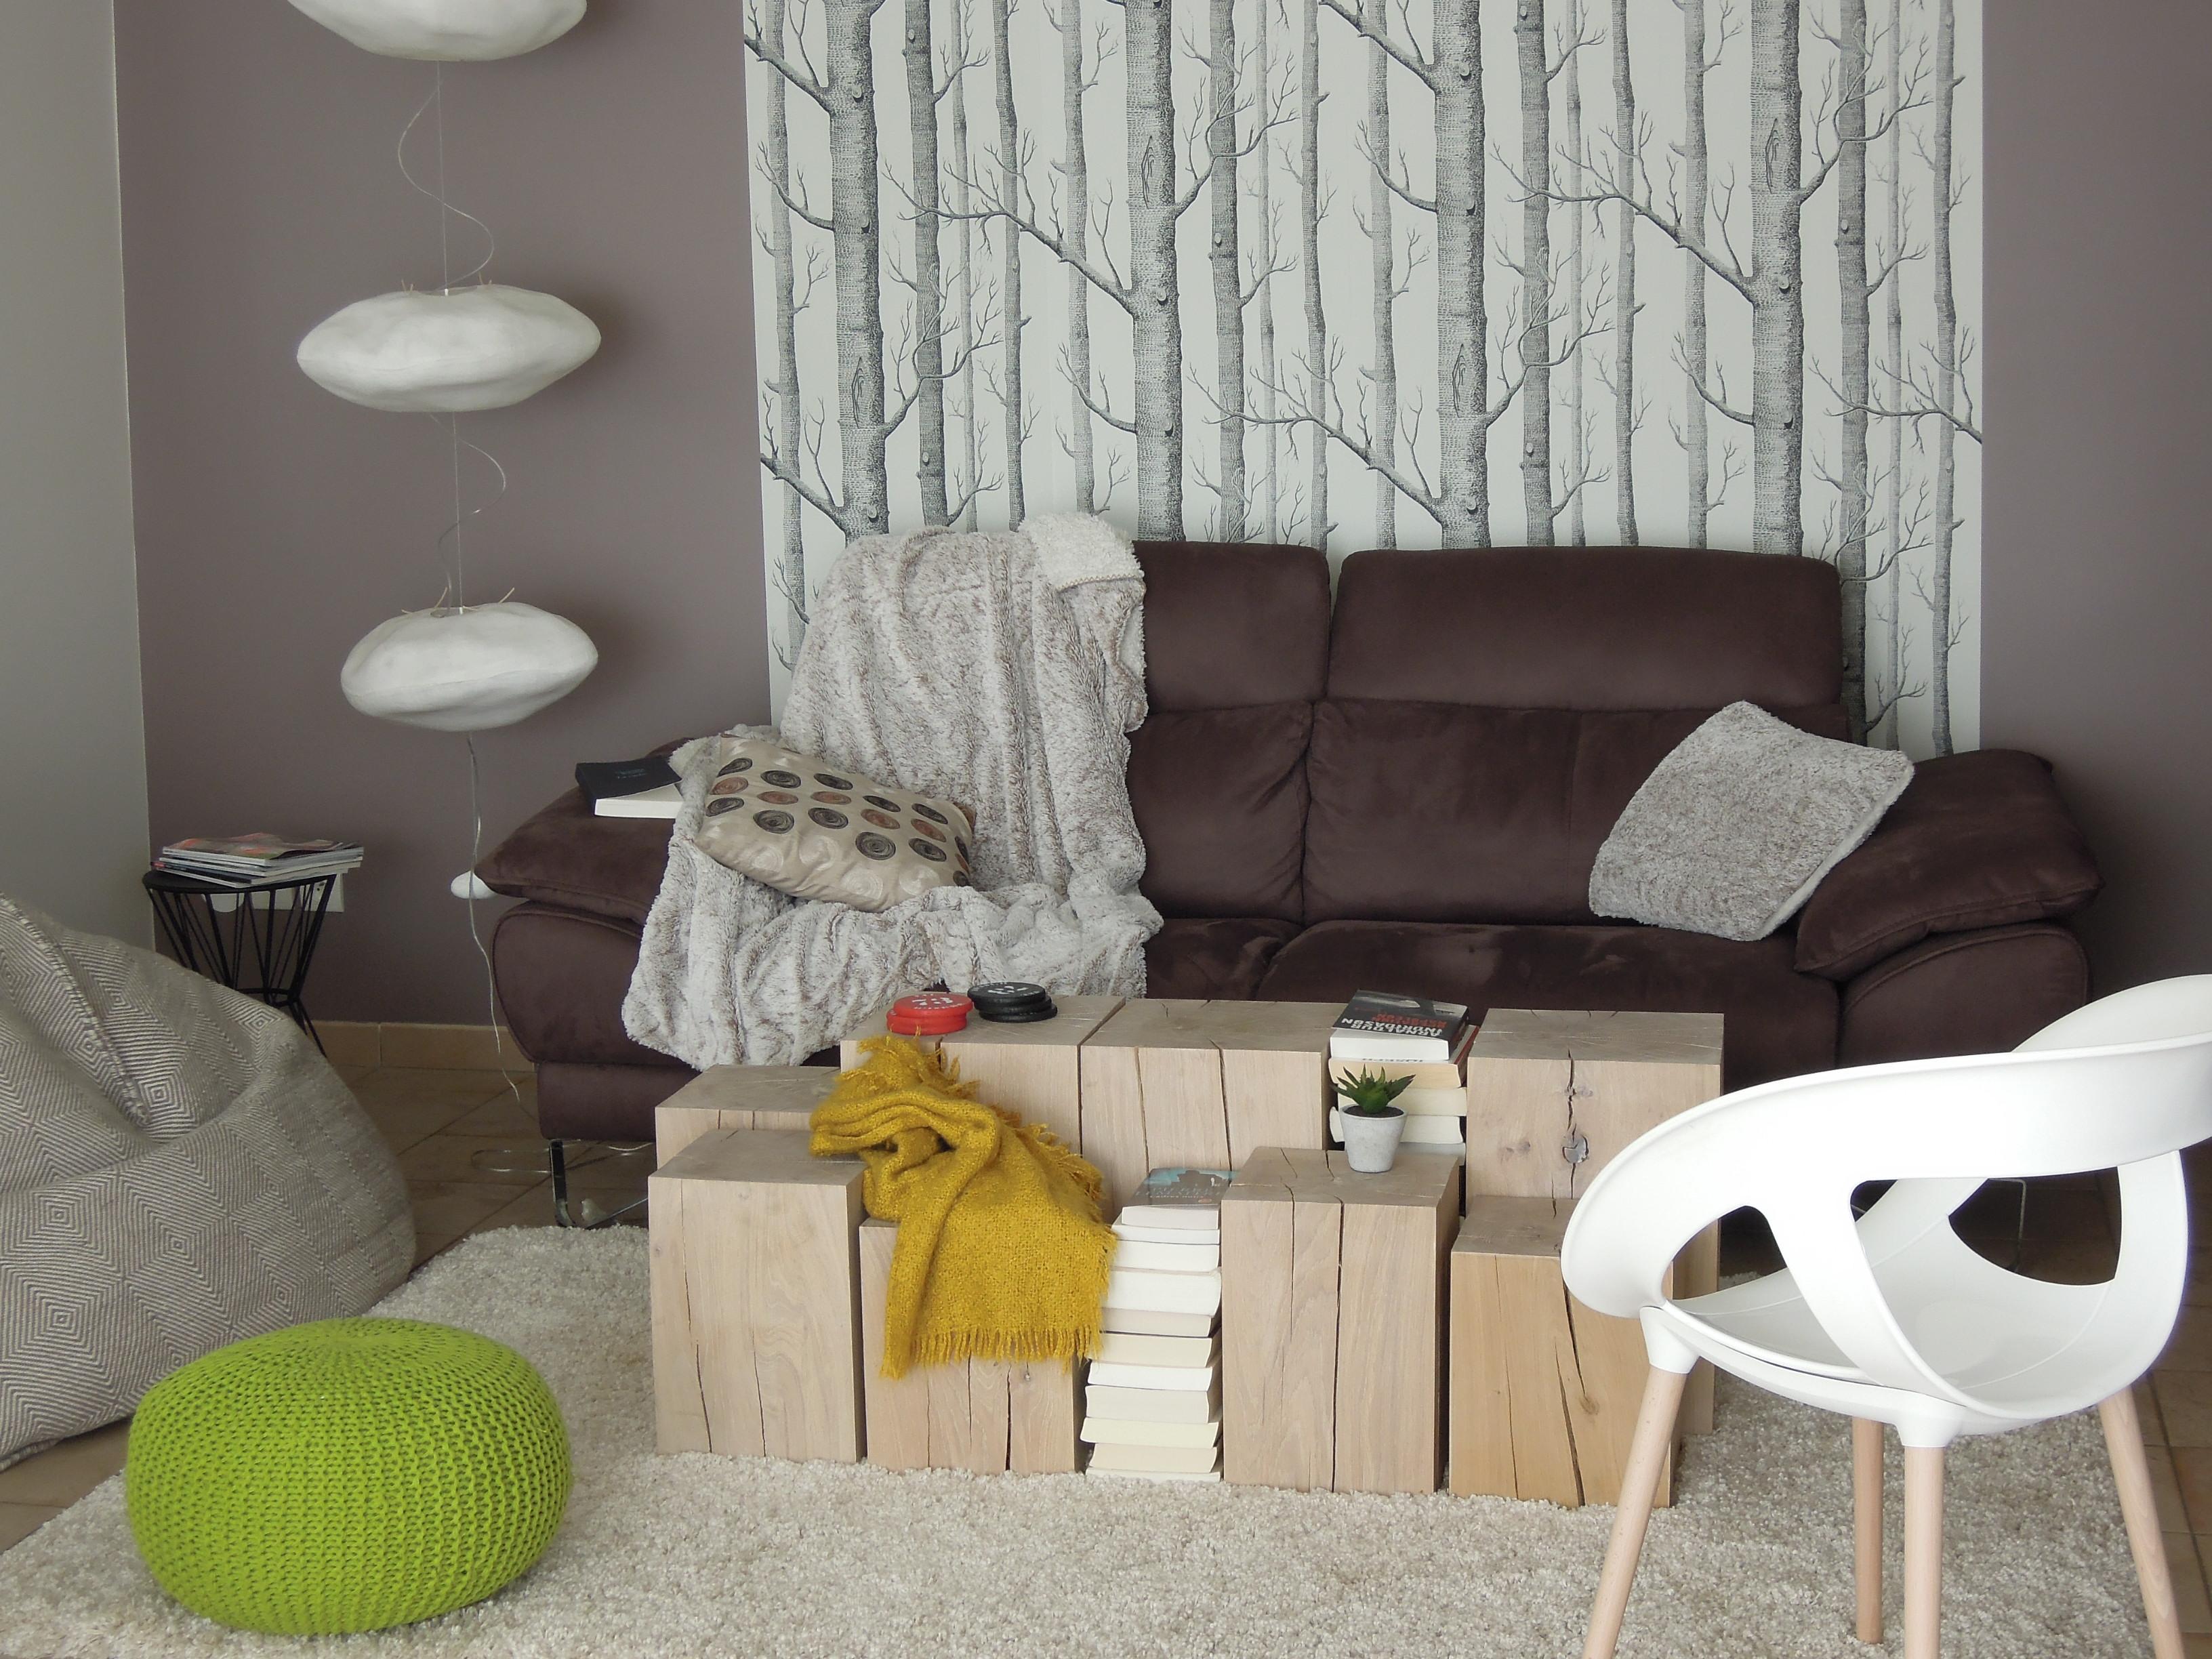 decoratrice lyon un bain de lumire amnagement rnovation appartement lyon marion lano. Black Bedroom Furniture Sets. Home Design Ideas